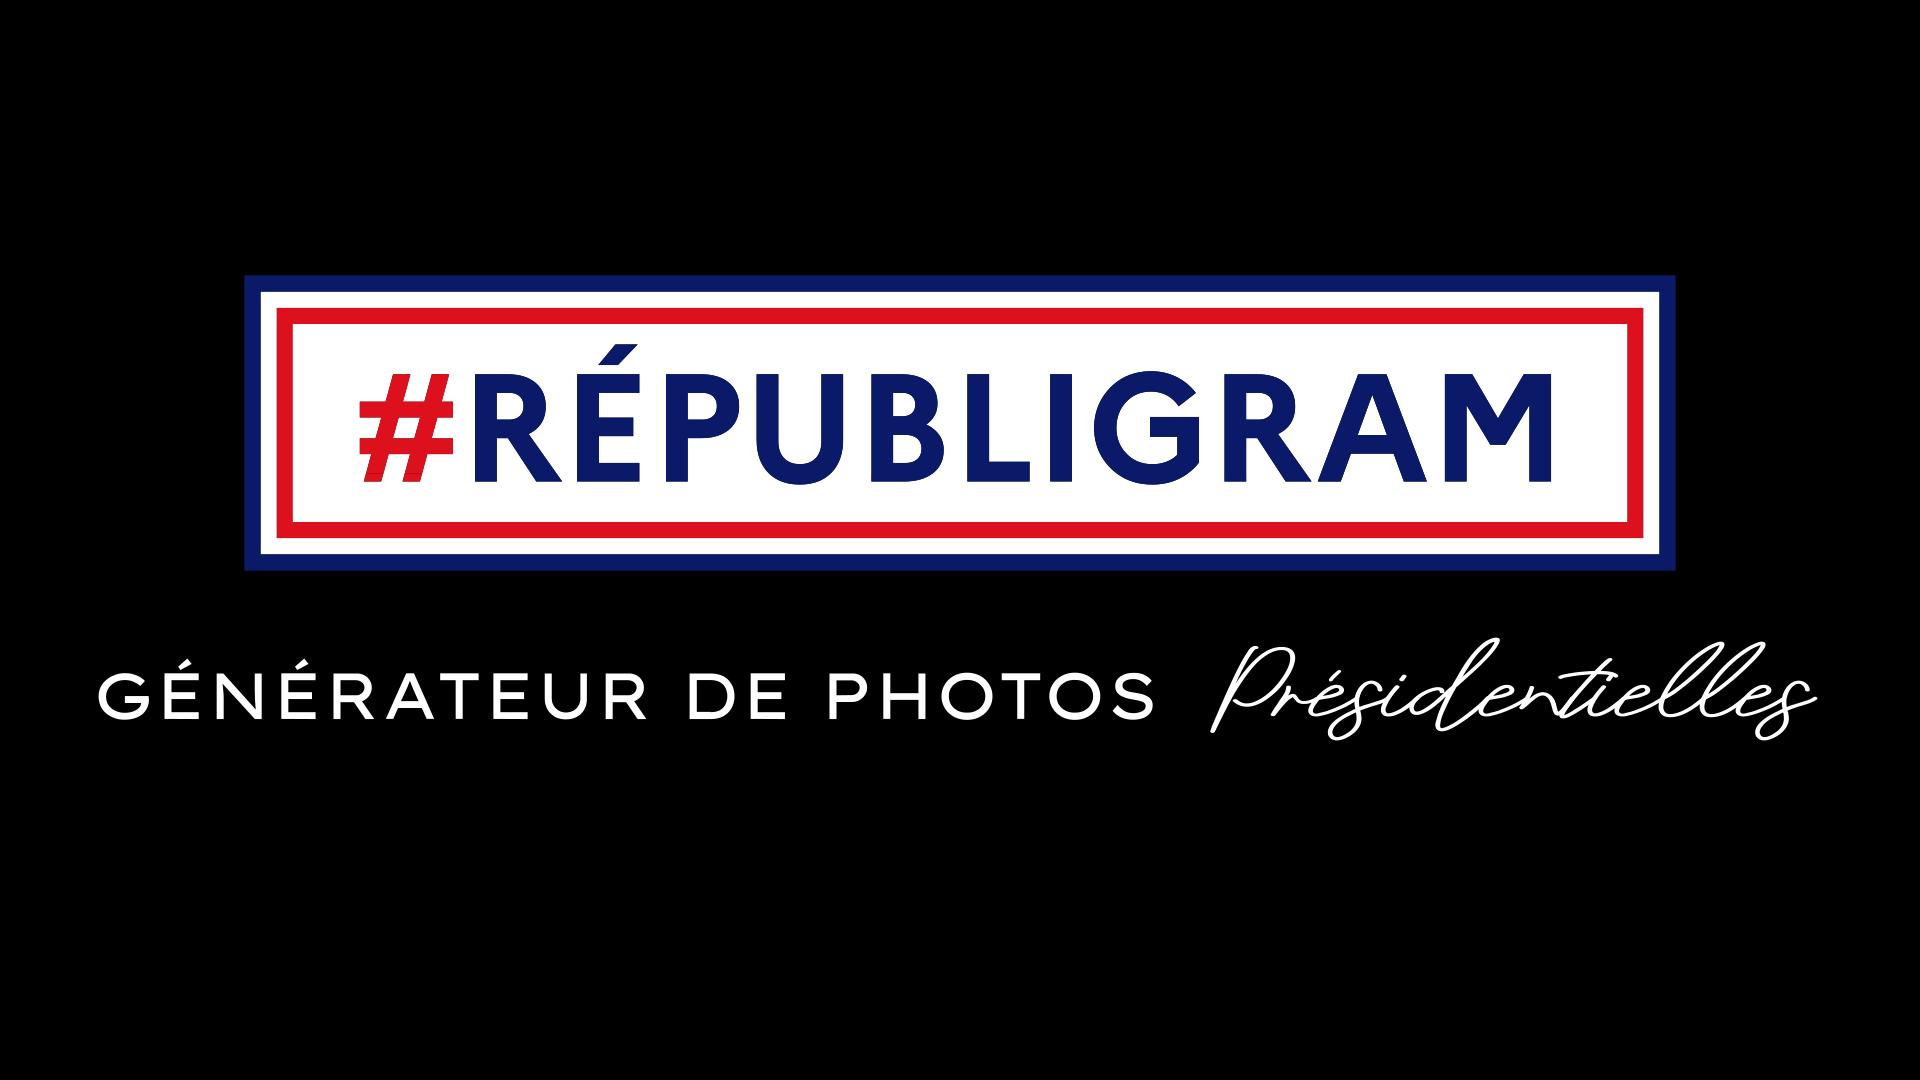 Républigram : le générateur de photos présidentielles (et de memes)